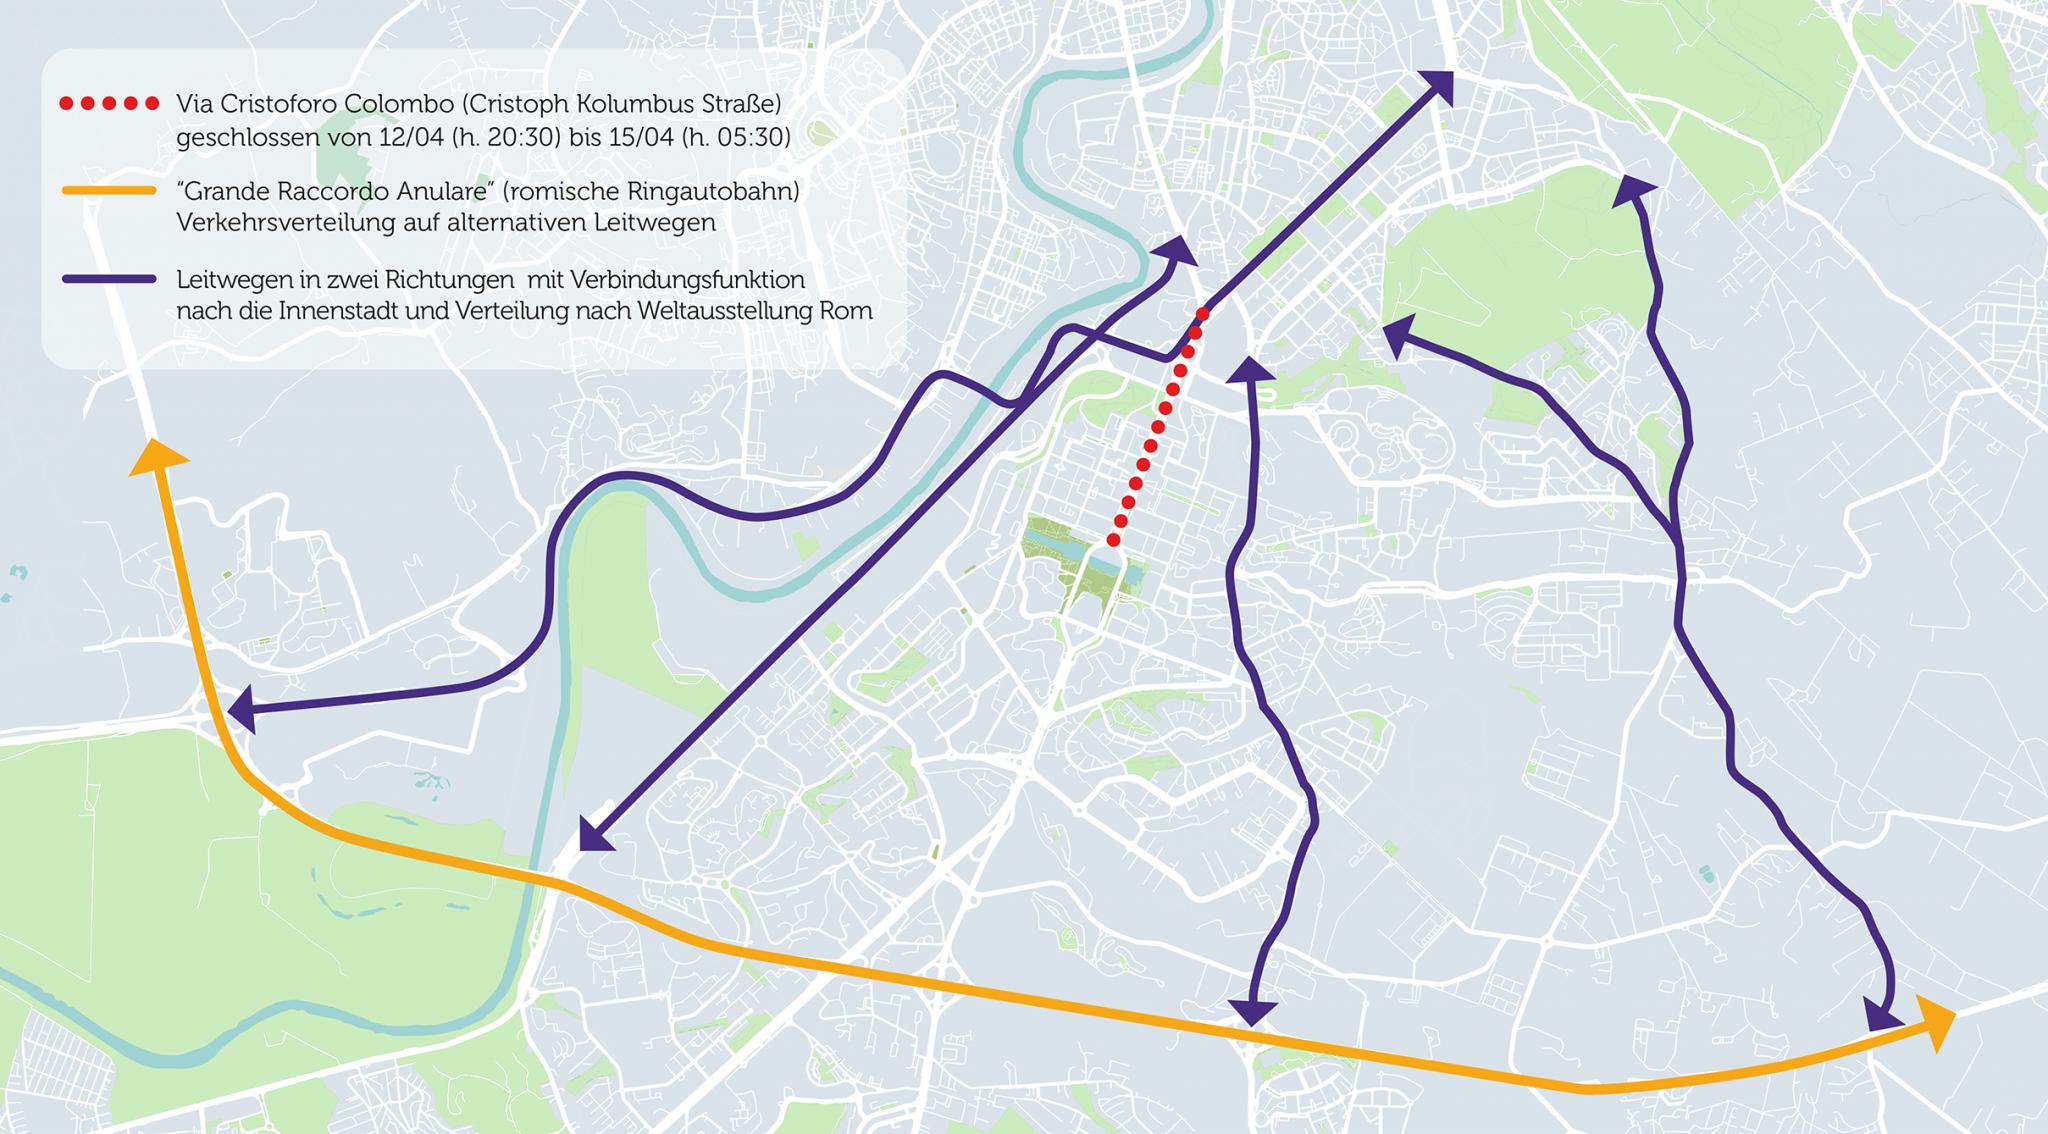 Absperrung der Via Cristoforo Colombo für den Verkehr und alternative Straßenverläufe